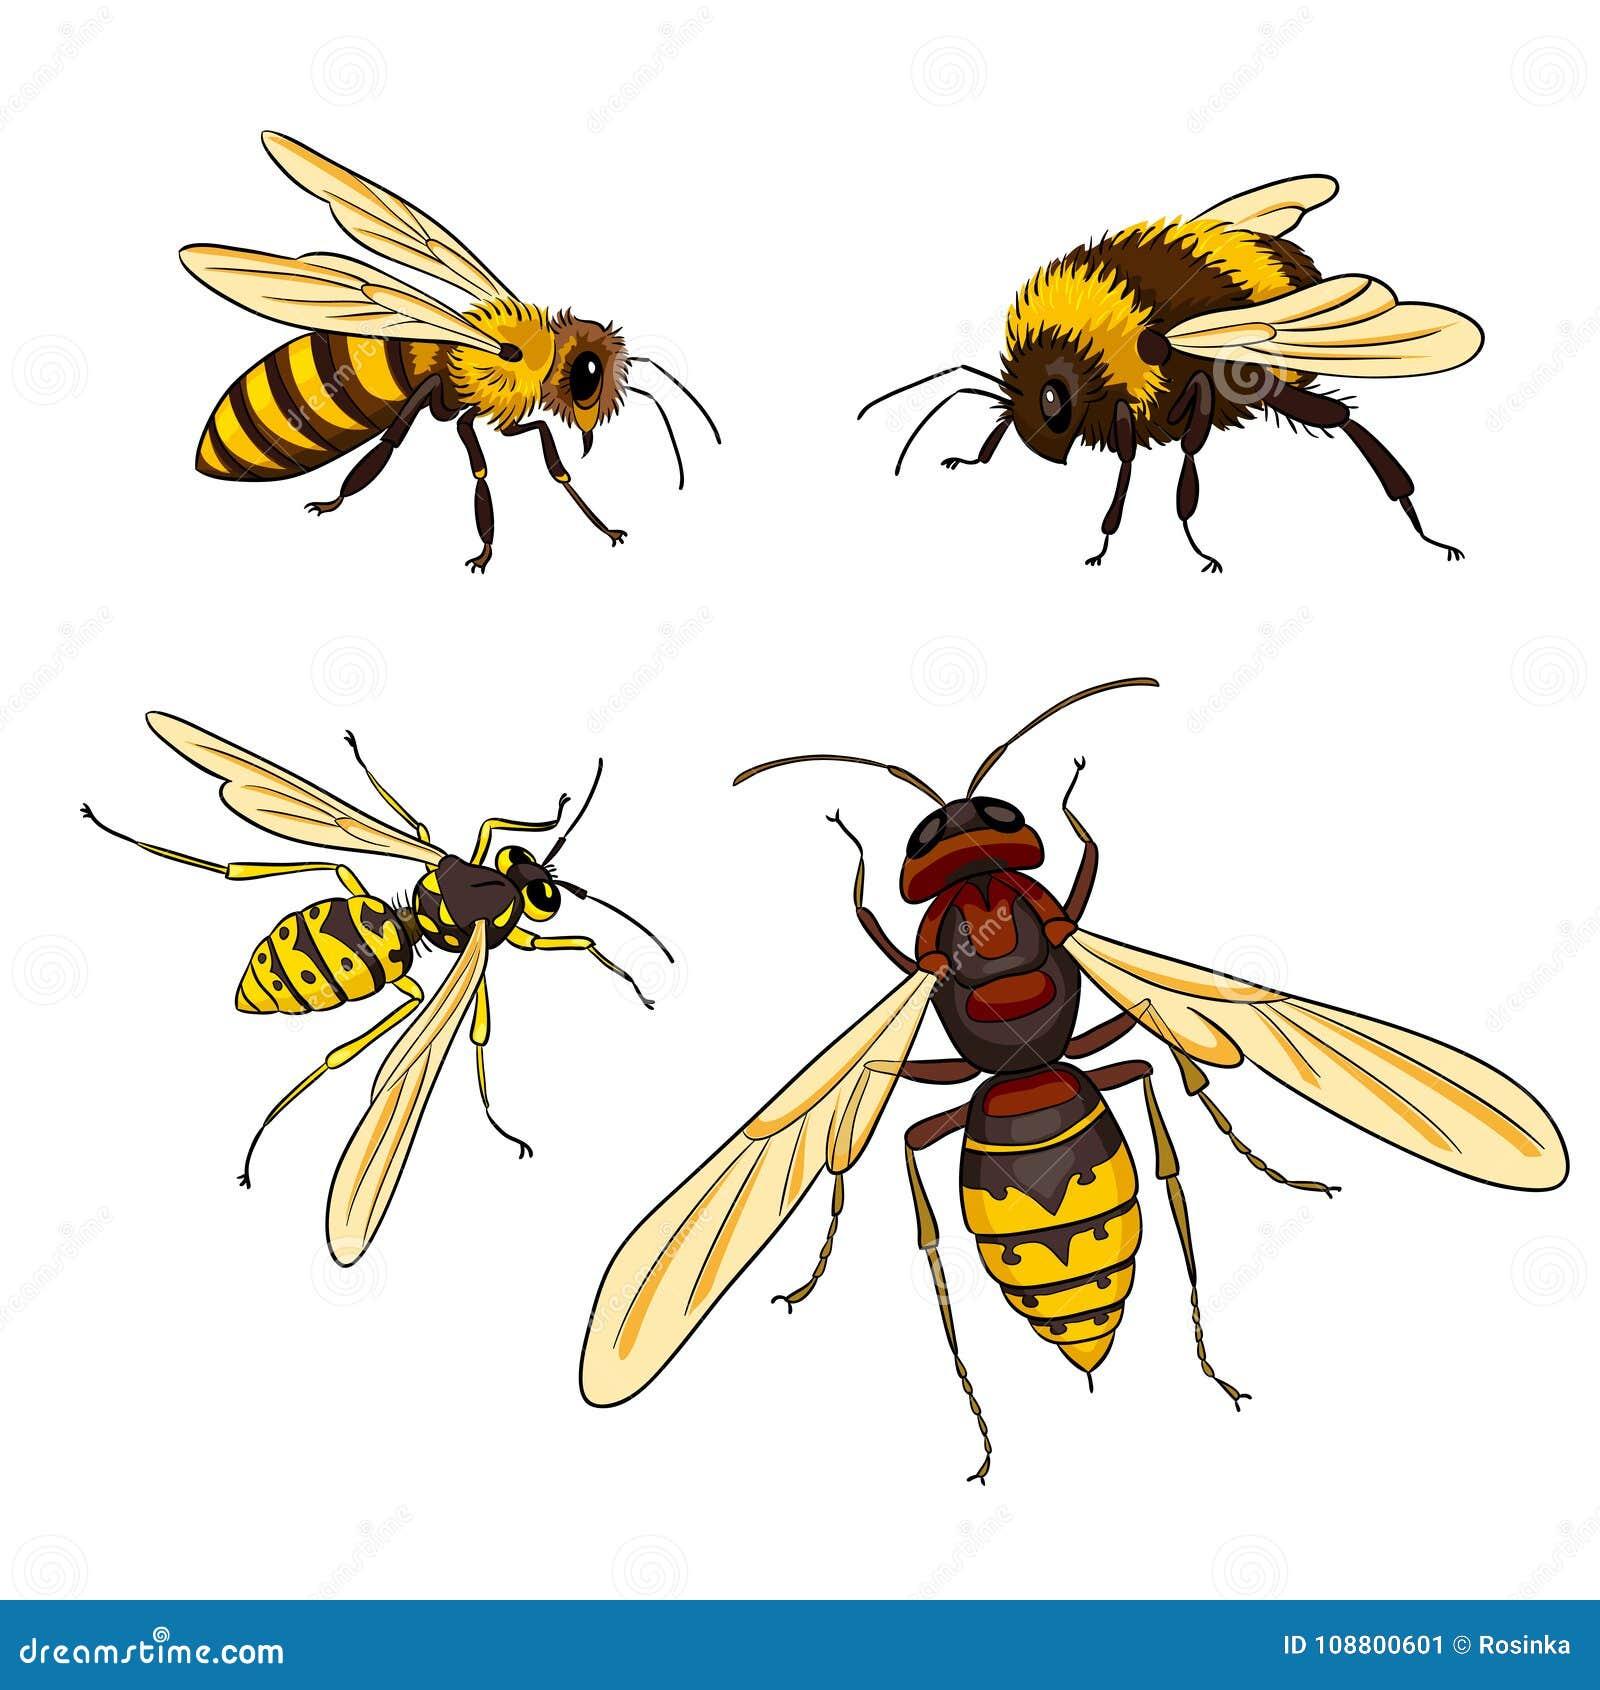 Hornet dating